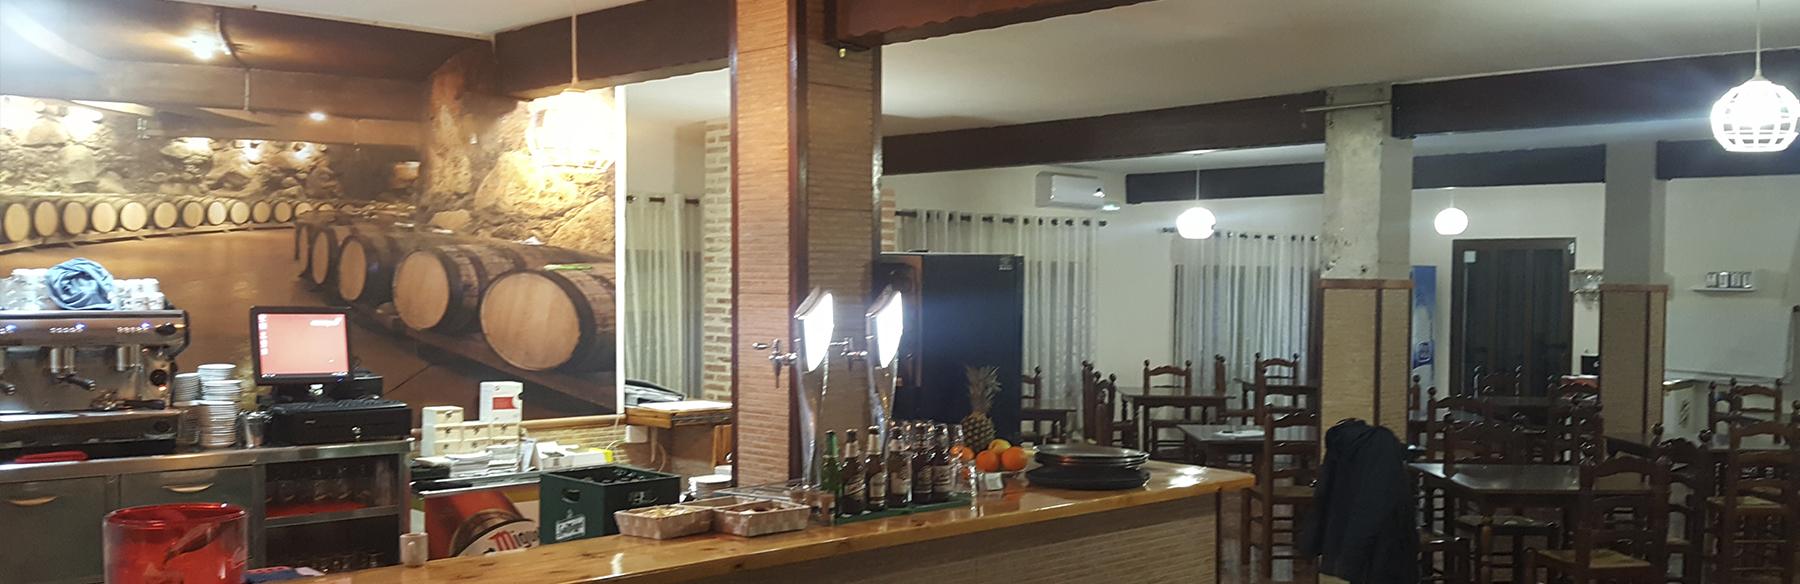 Restaurante bonanza del club de tenis y padel Naquera de la Academia Tenis 92